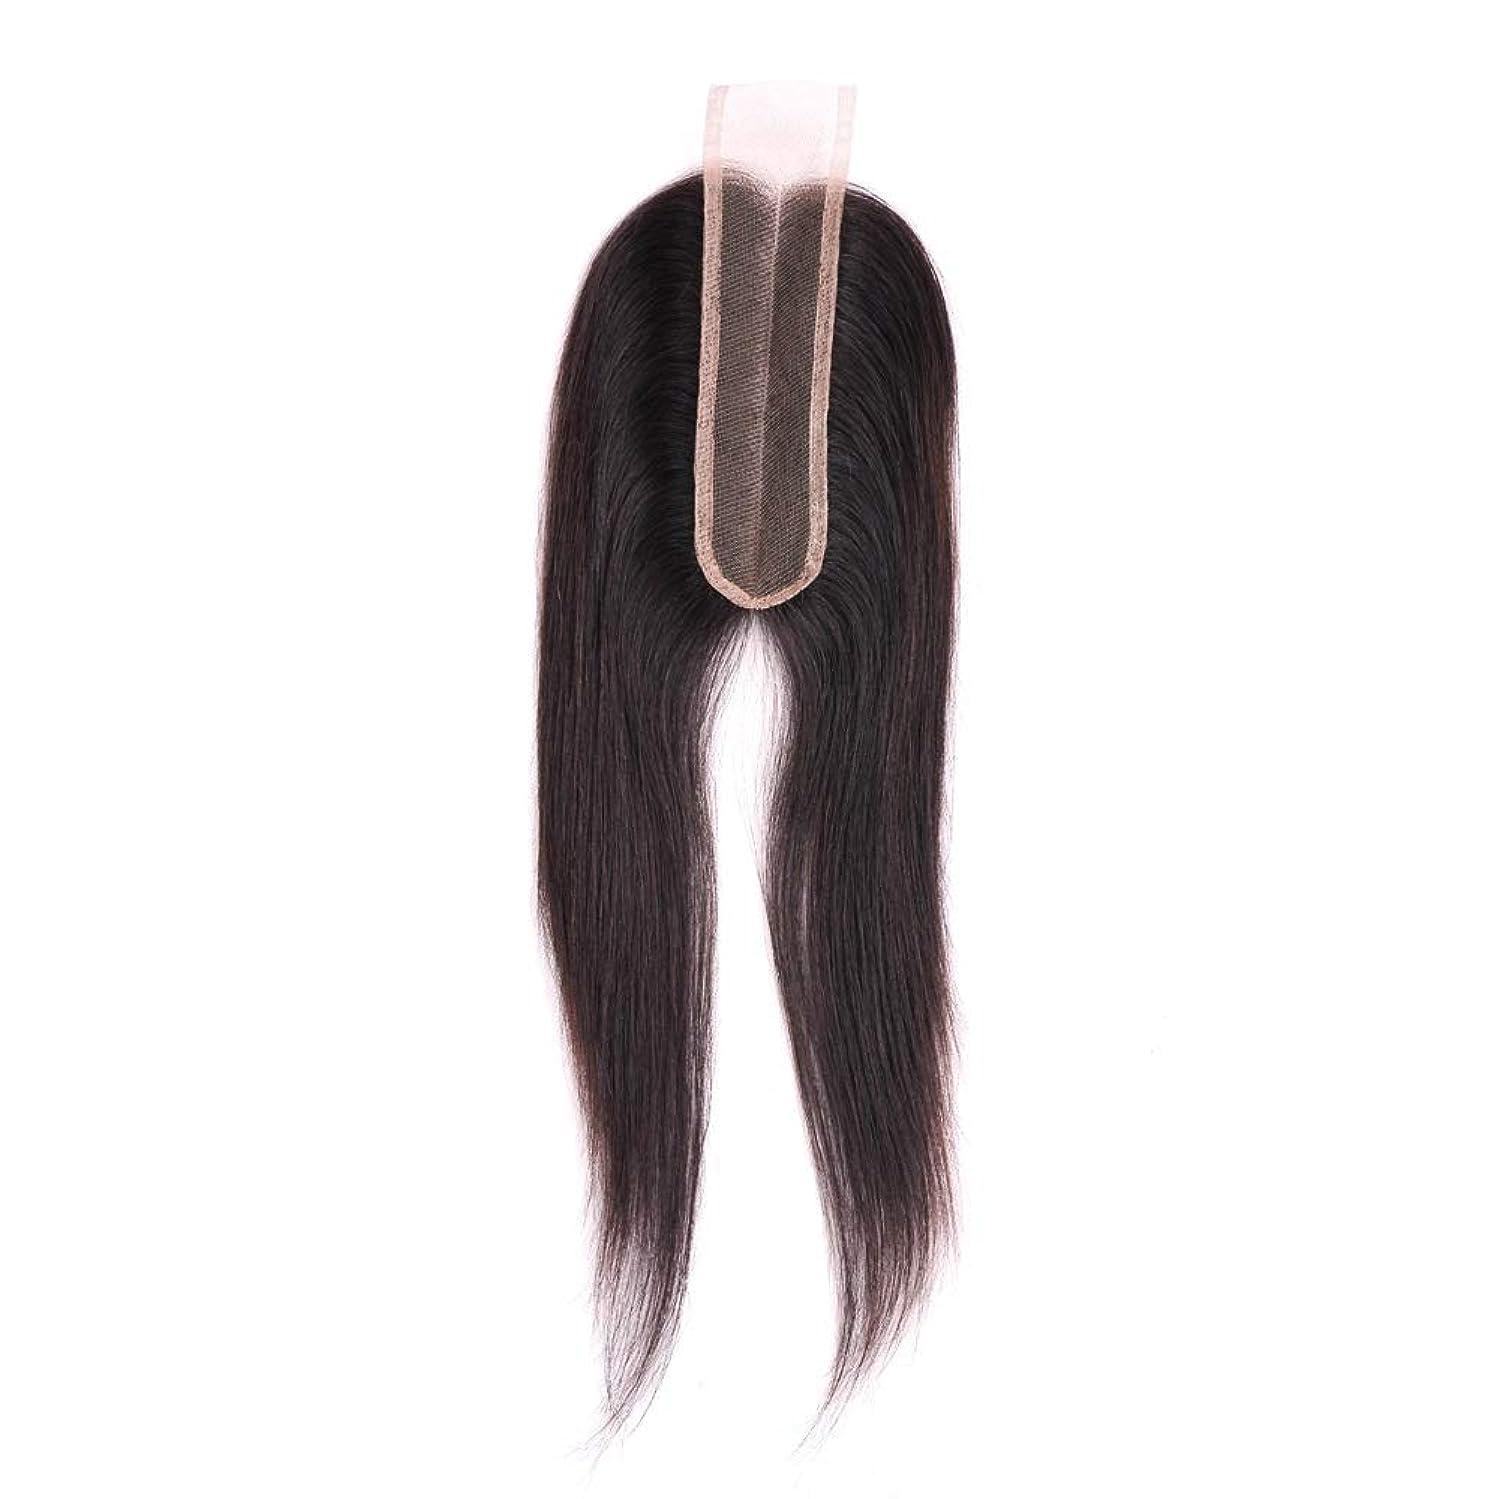 南環境スリルSRY-Wigファッション 黒人女性のためのファッションストレートレースフロントウィッグベビーヘアレースフロントウィッグ付きブラジル人毛ウィッグ (Color : ブラック, Size : 18inch)